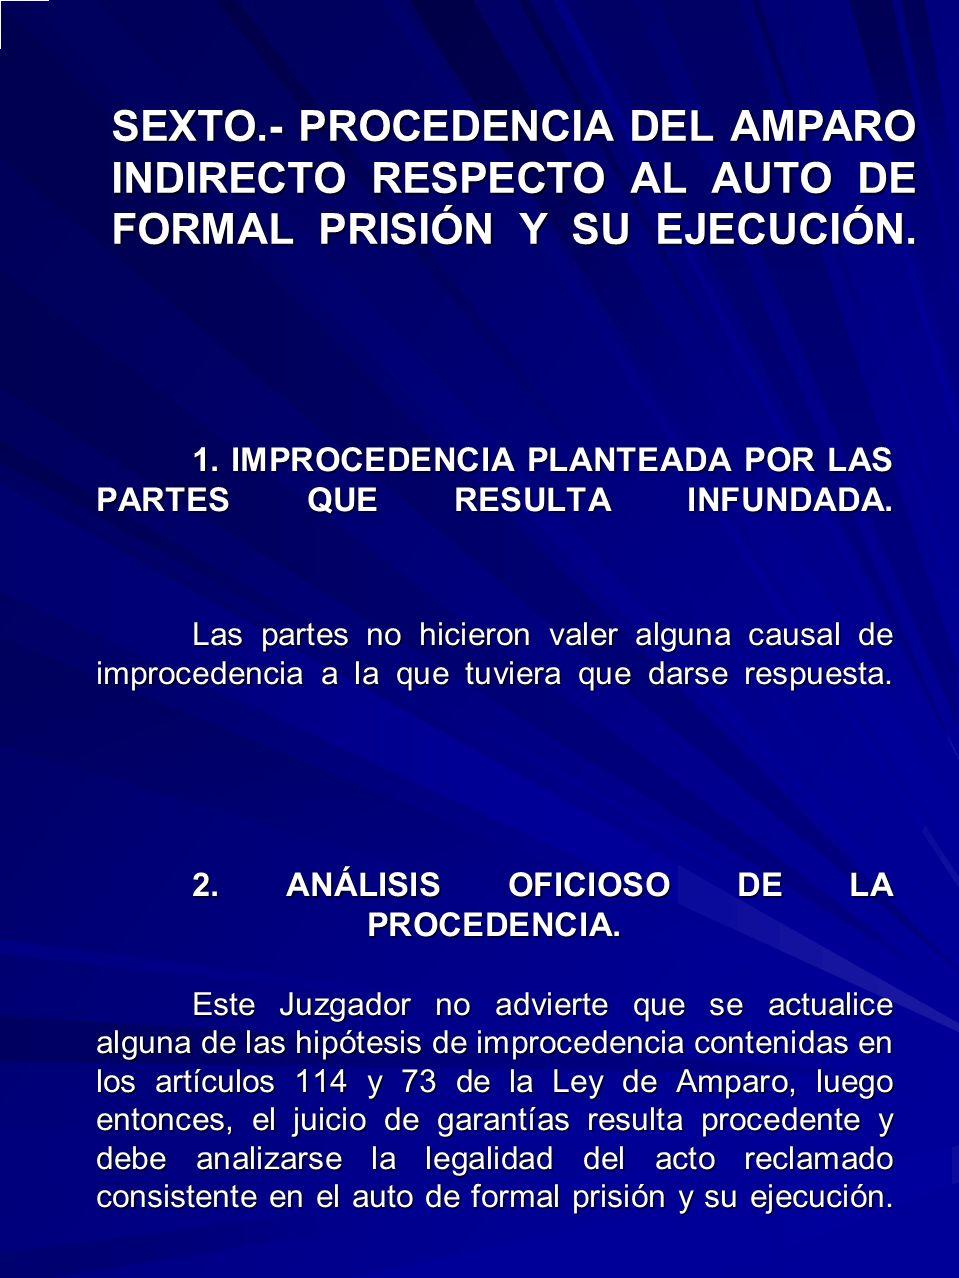 SEXTO.- PROCEDENCIA DEL AMPARO INDIRECTO RESPECTO AL AUTO DE FORMAL PRISIÓN Y SU EJECUCIÓN.